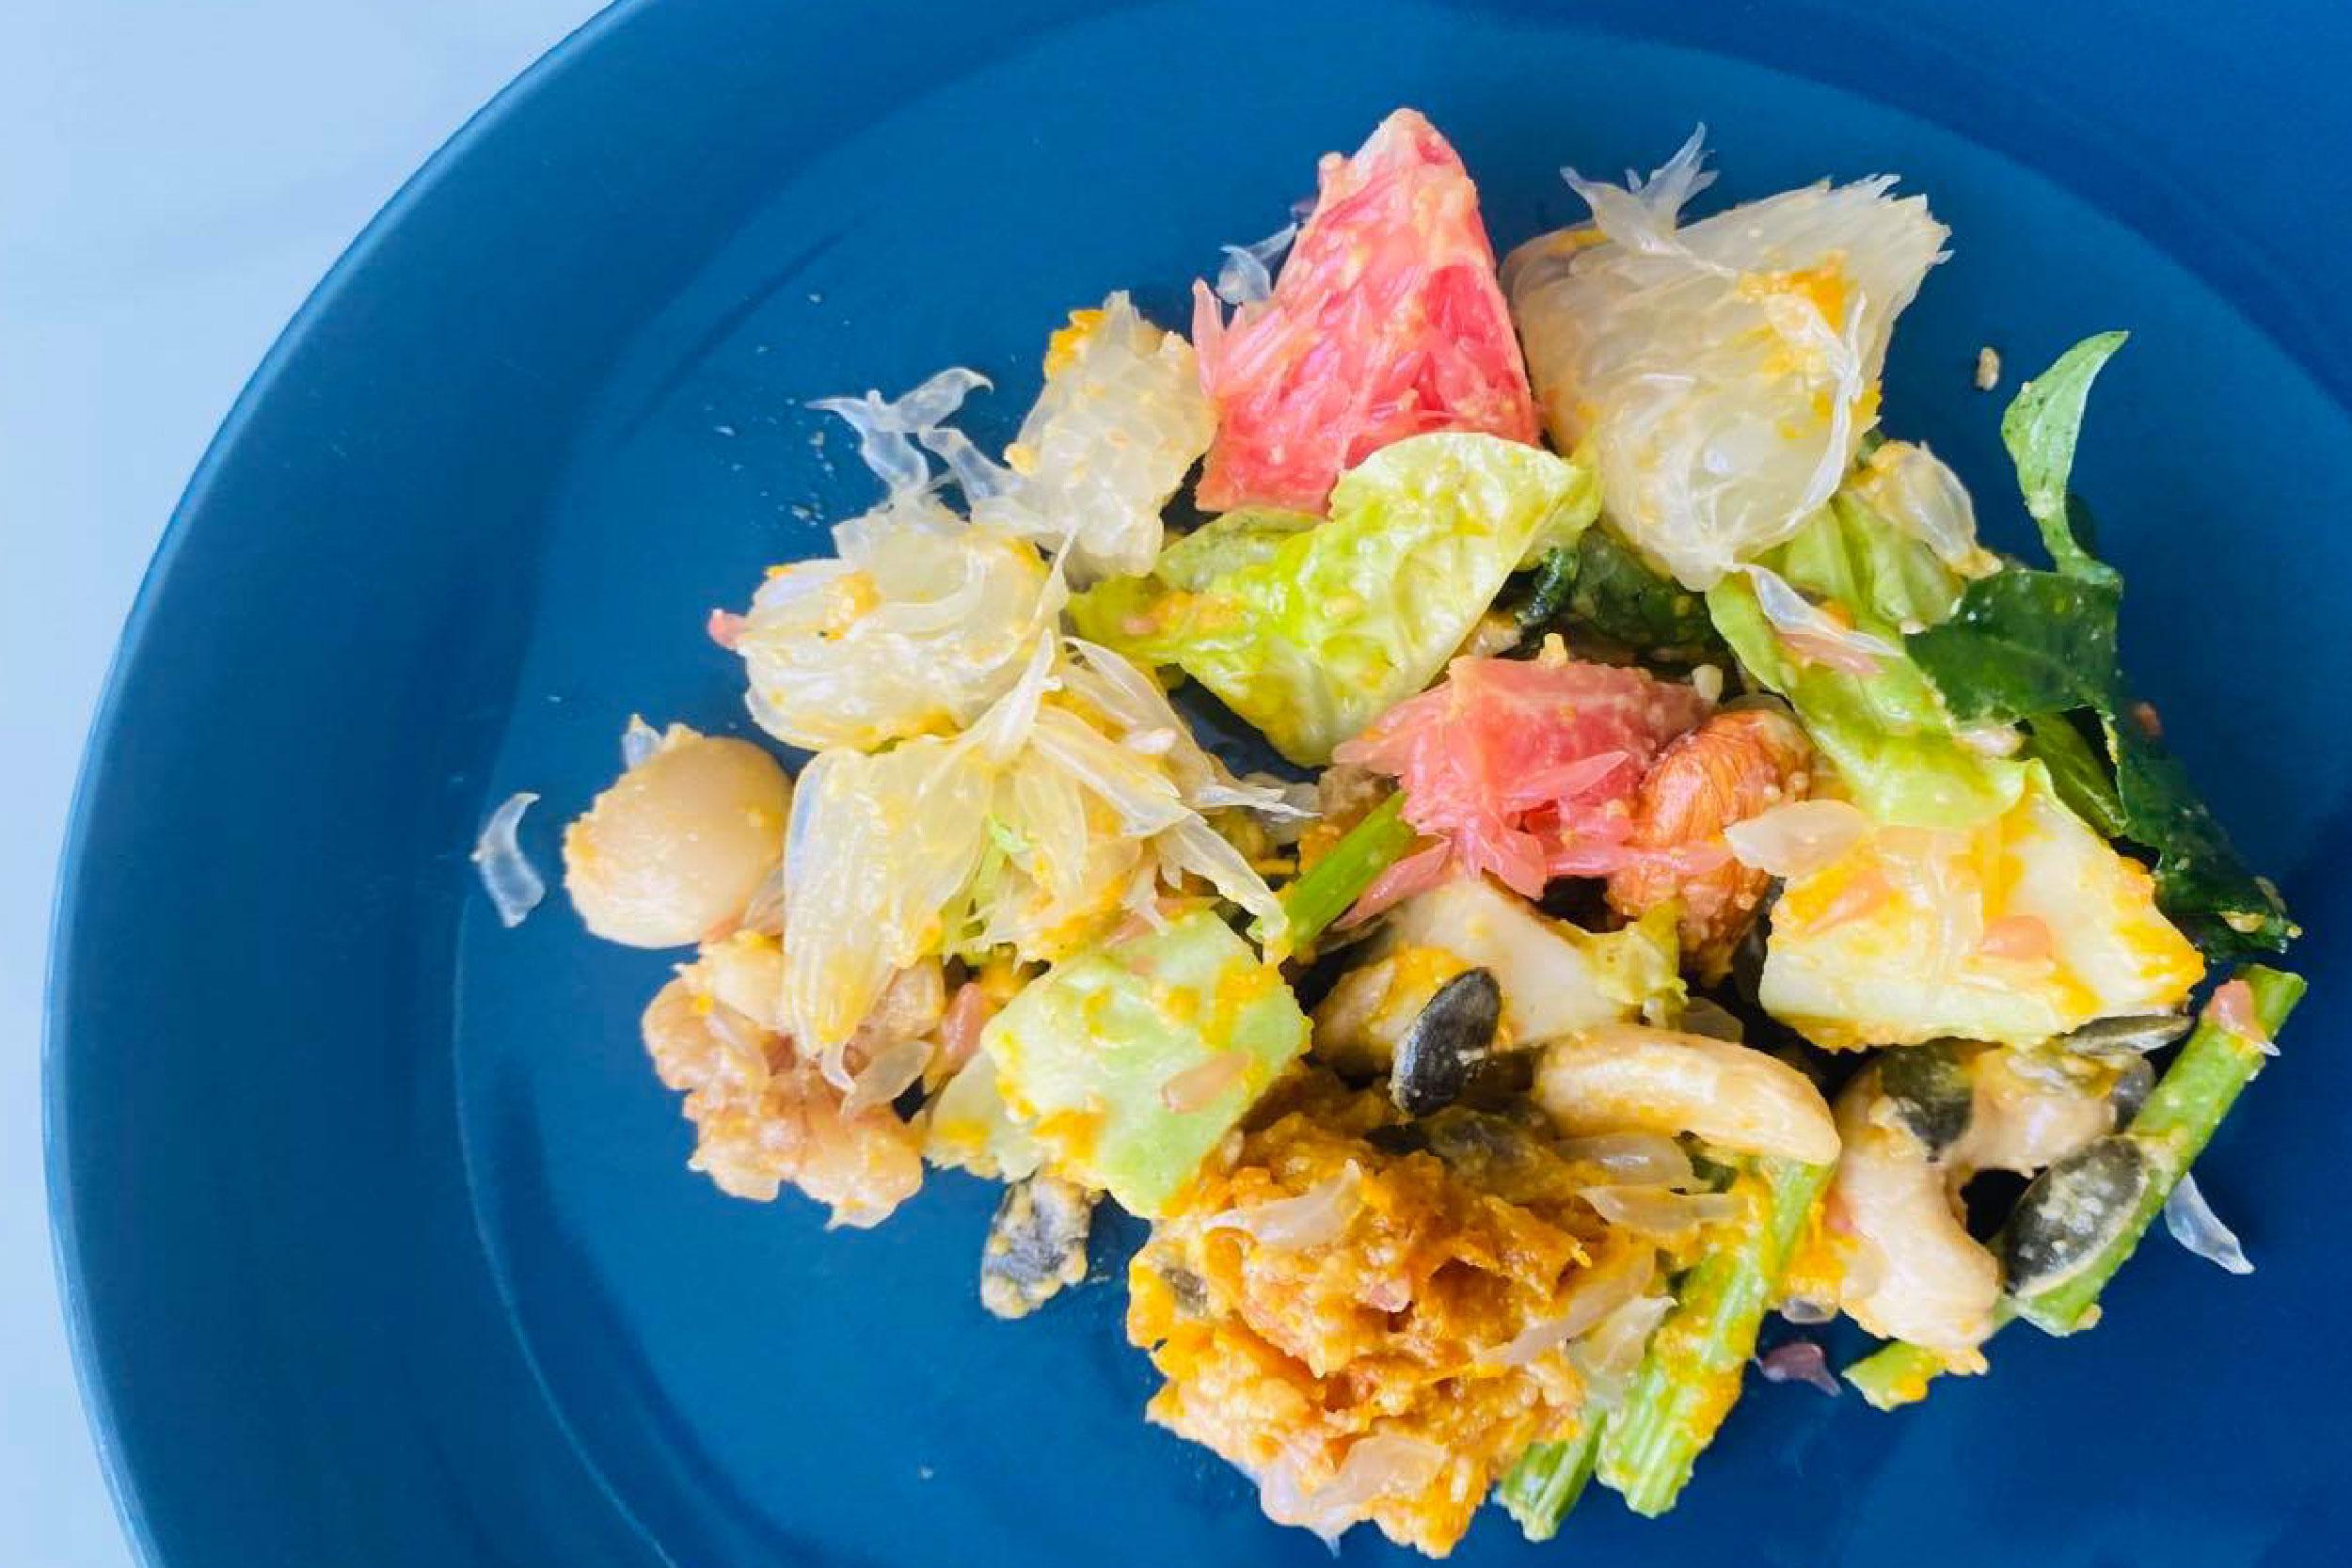 柚子沙拉富含高纤维、能促进健康排便、可迅速让细胞获得水分和各种营养素的滋养。-营养师王嘉慧提供-